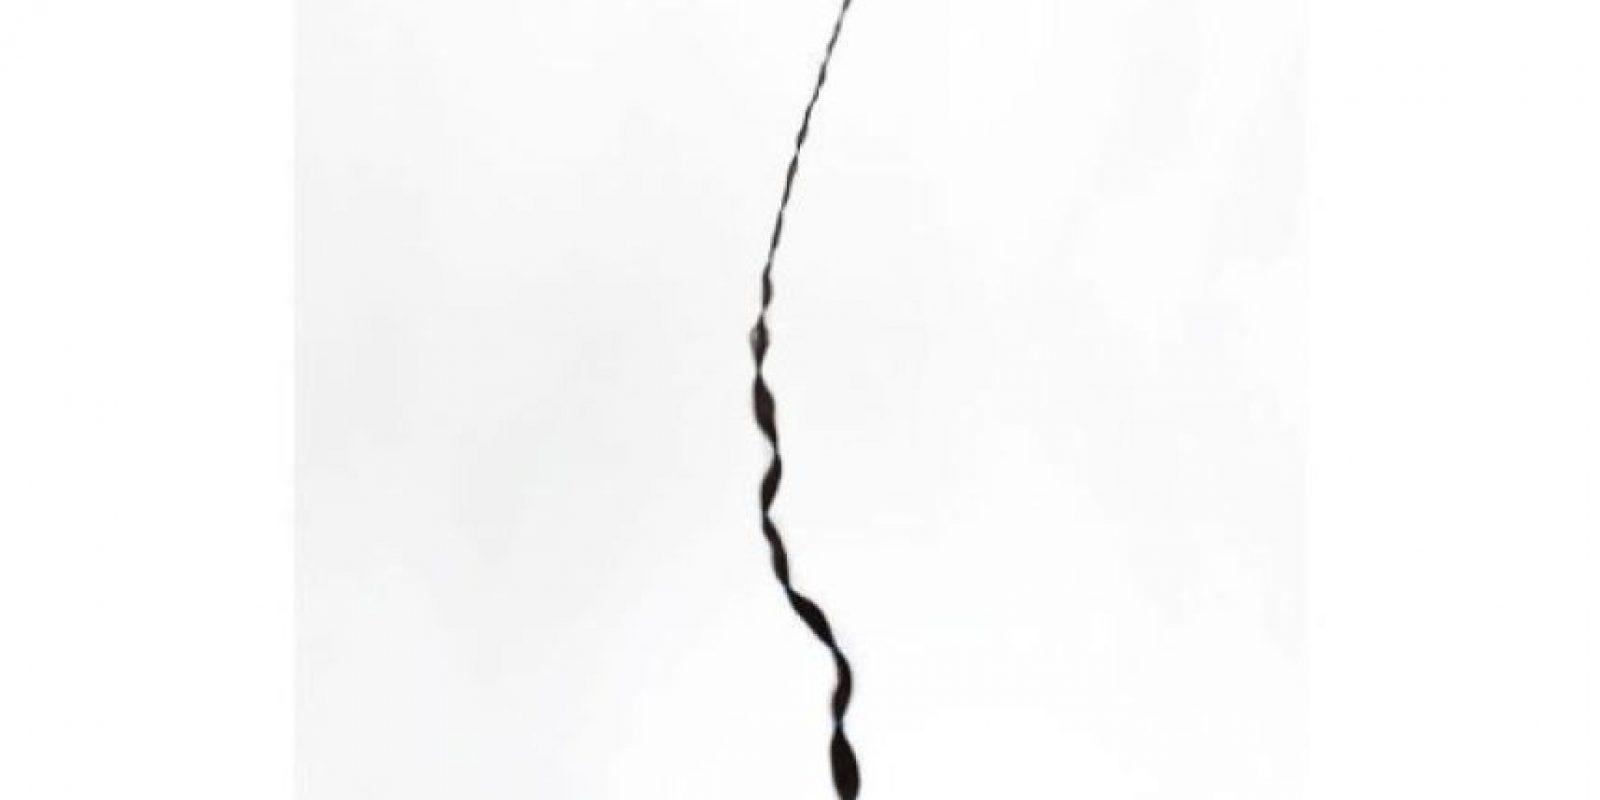 5. Xie Qiuping de China, tiene el récord por el pelo más largo del mundo, con un largo de 5,48 metros. La mujer se ha dejado crecer el pelo desde que tenía 13 años. Crédito: www.telegraph.co.uk